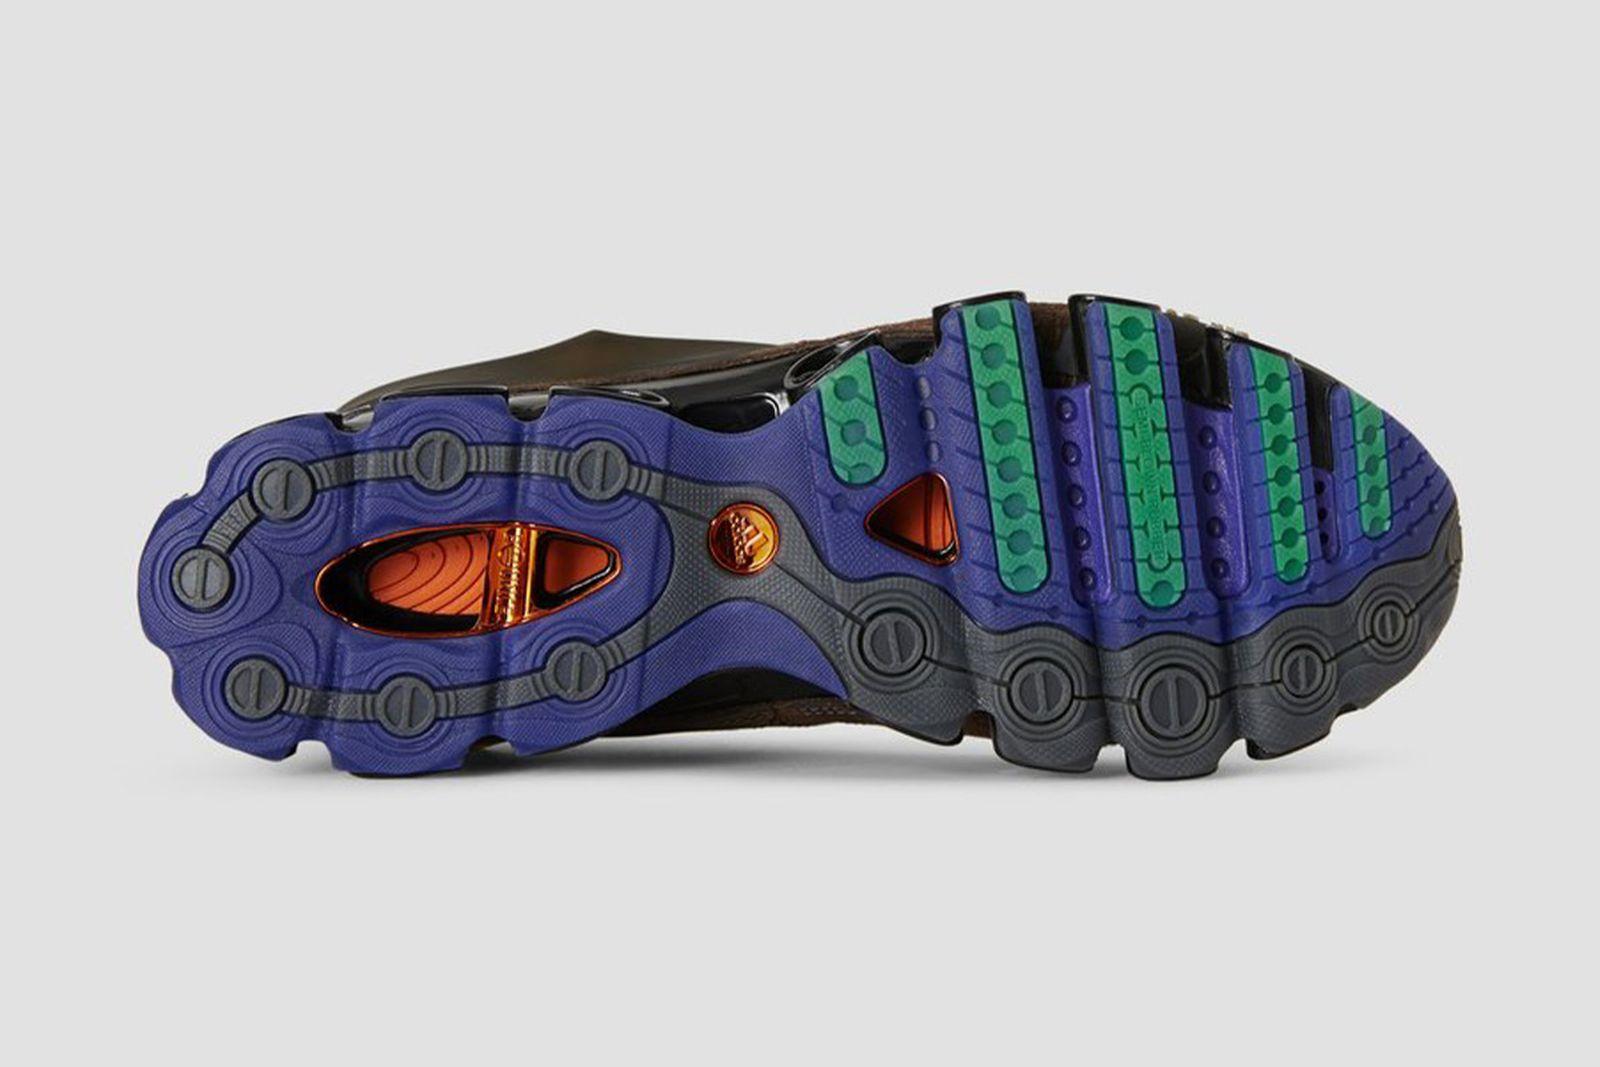 oamc-adidas-originals-type-09-release-date-price-13